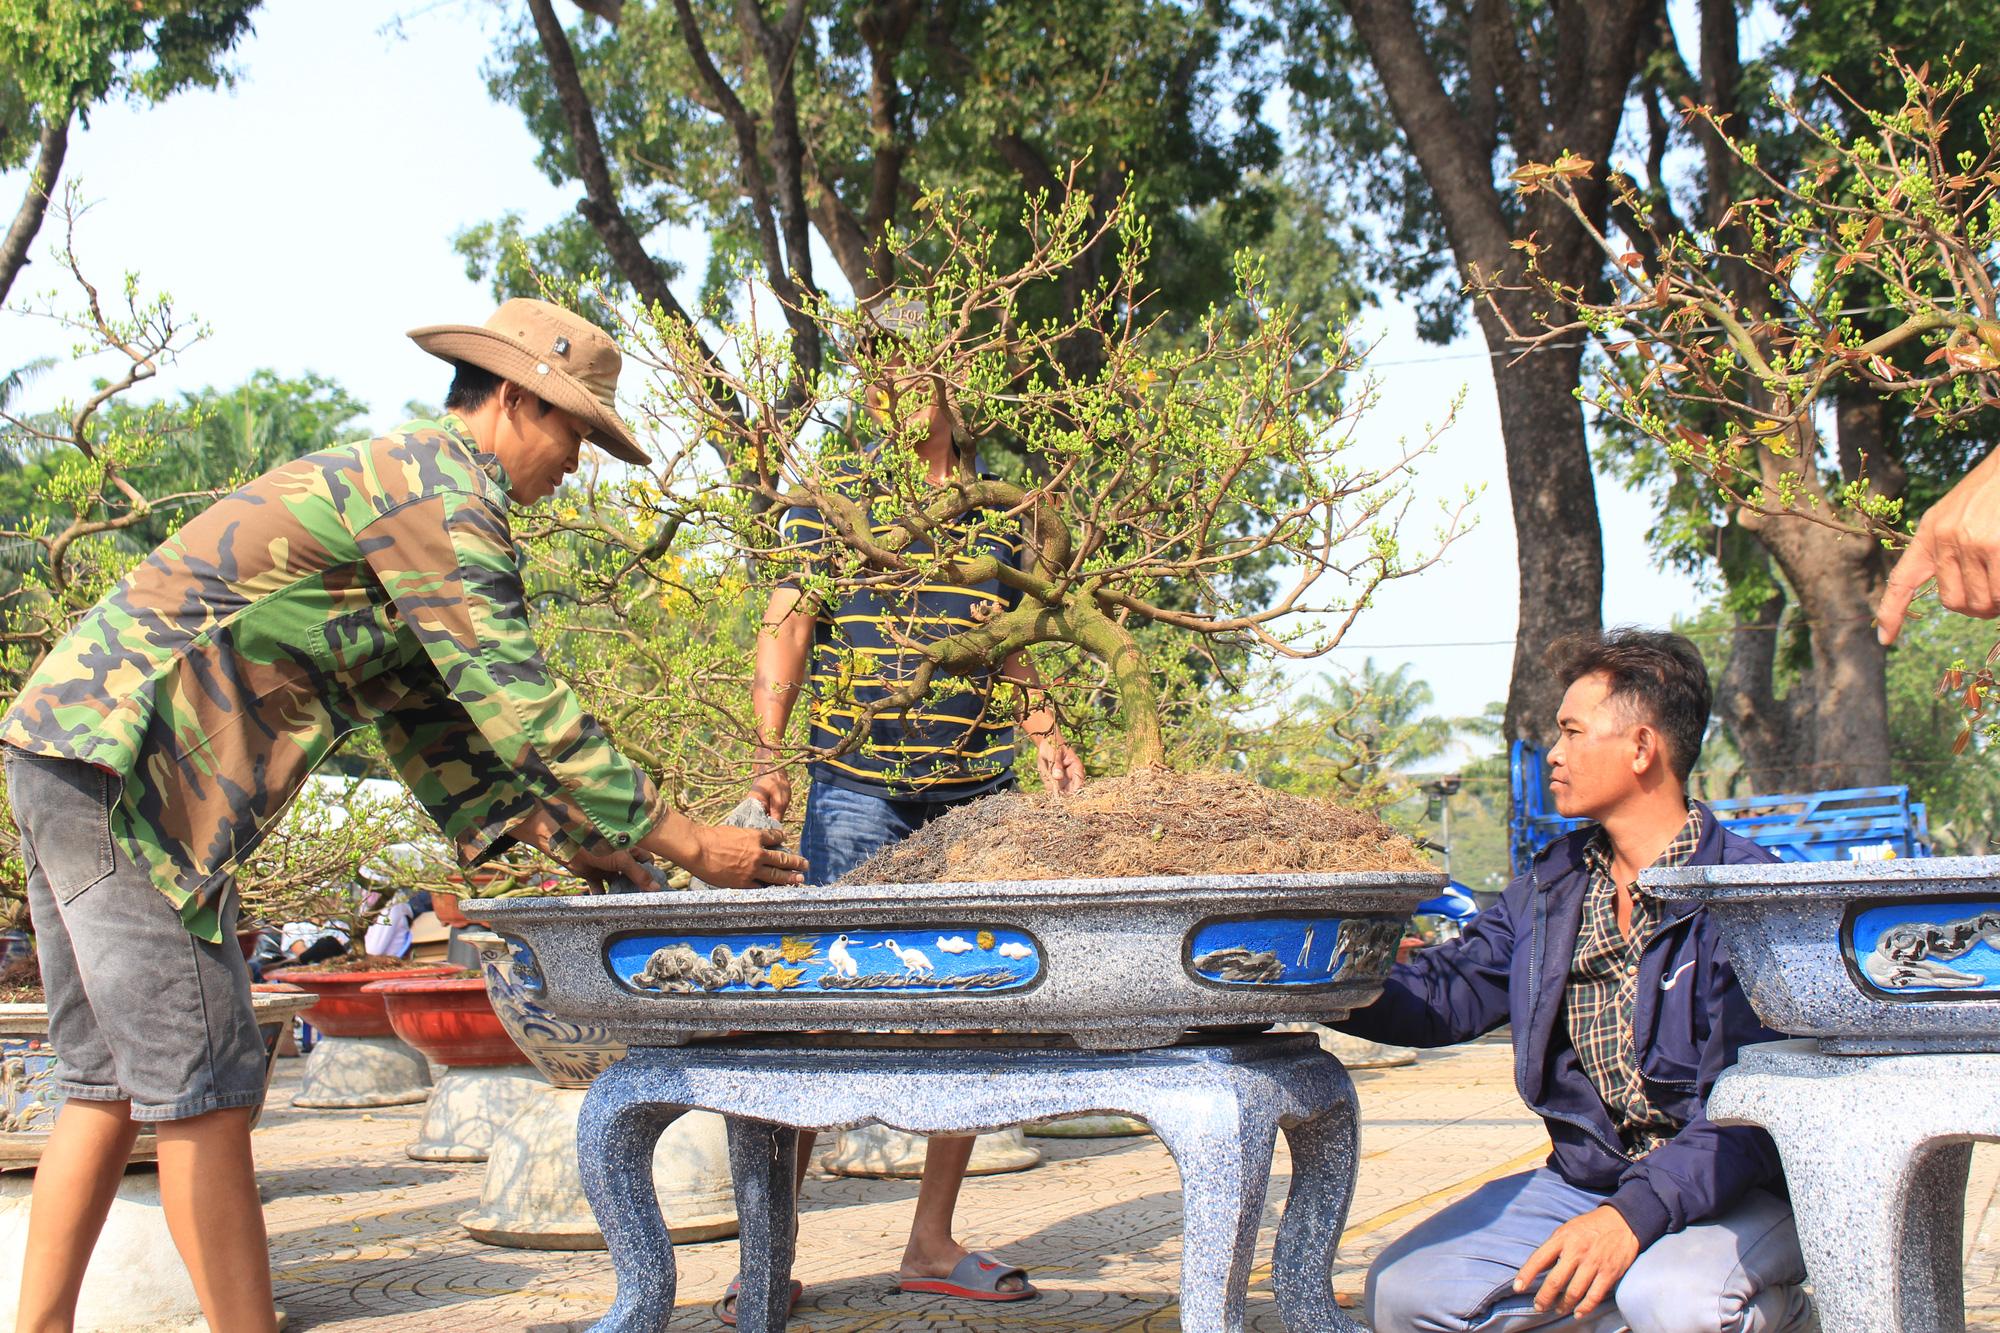 Mai Sài Gòn ồ ạt ra chợ, đi máy bay ra Hà Nội, sang Campuchia với giá hàng chục triệu đồng - Ảnh 2.